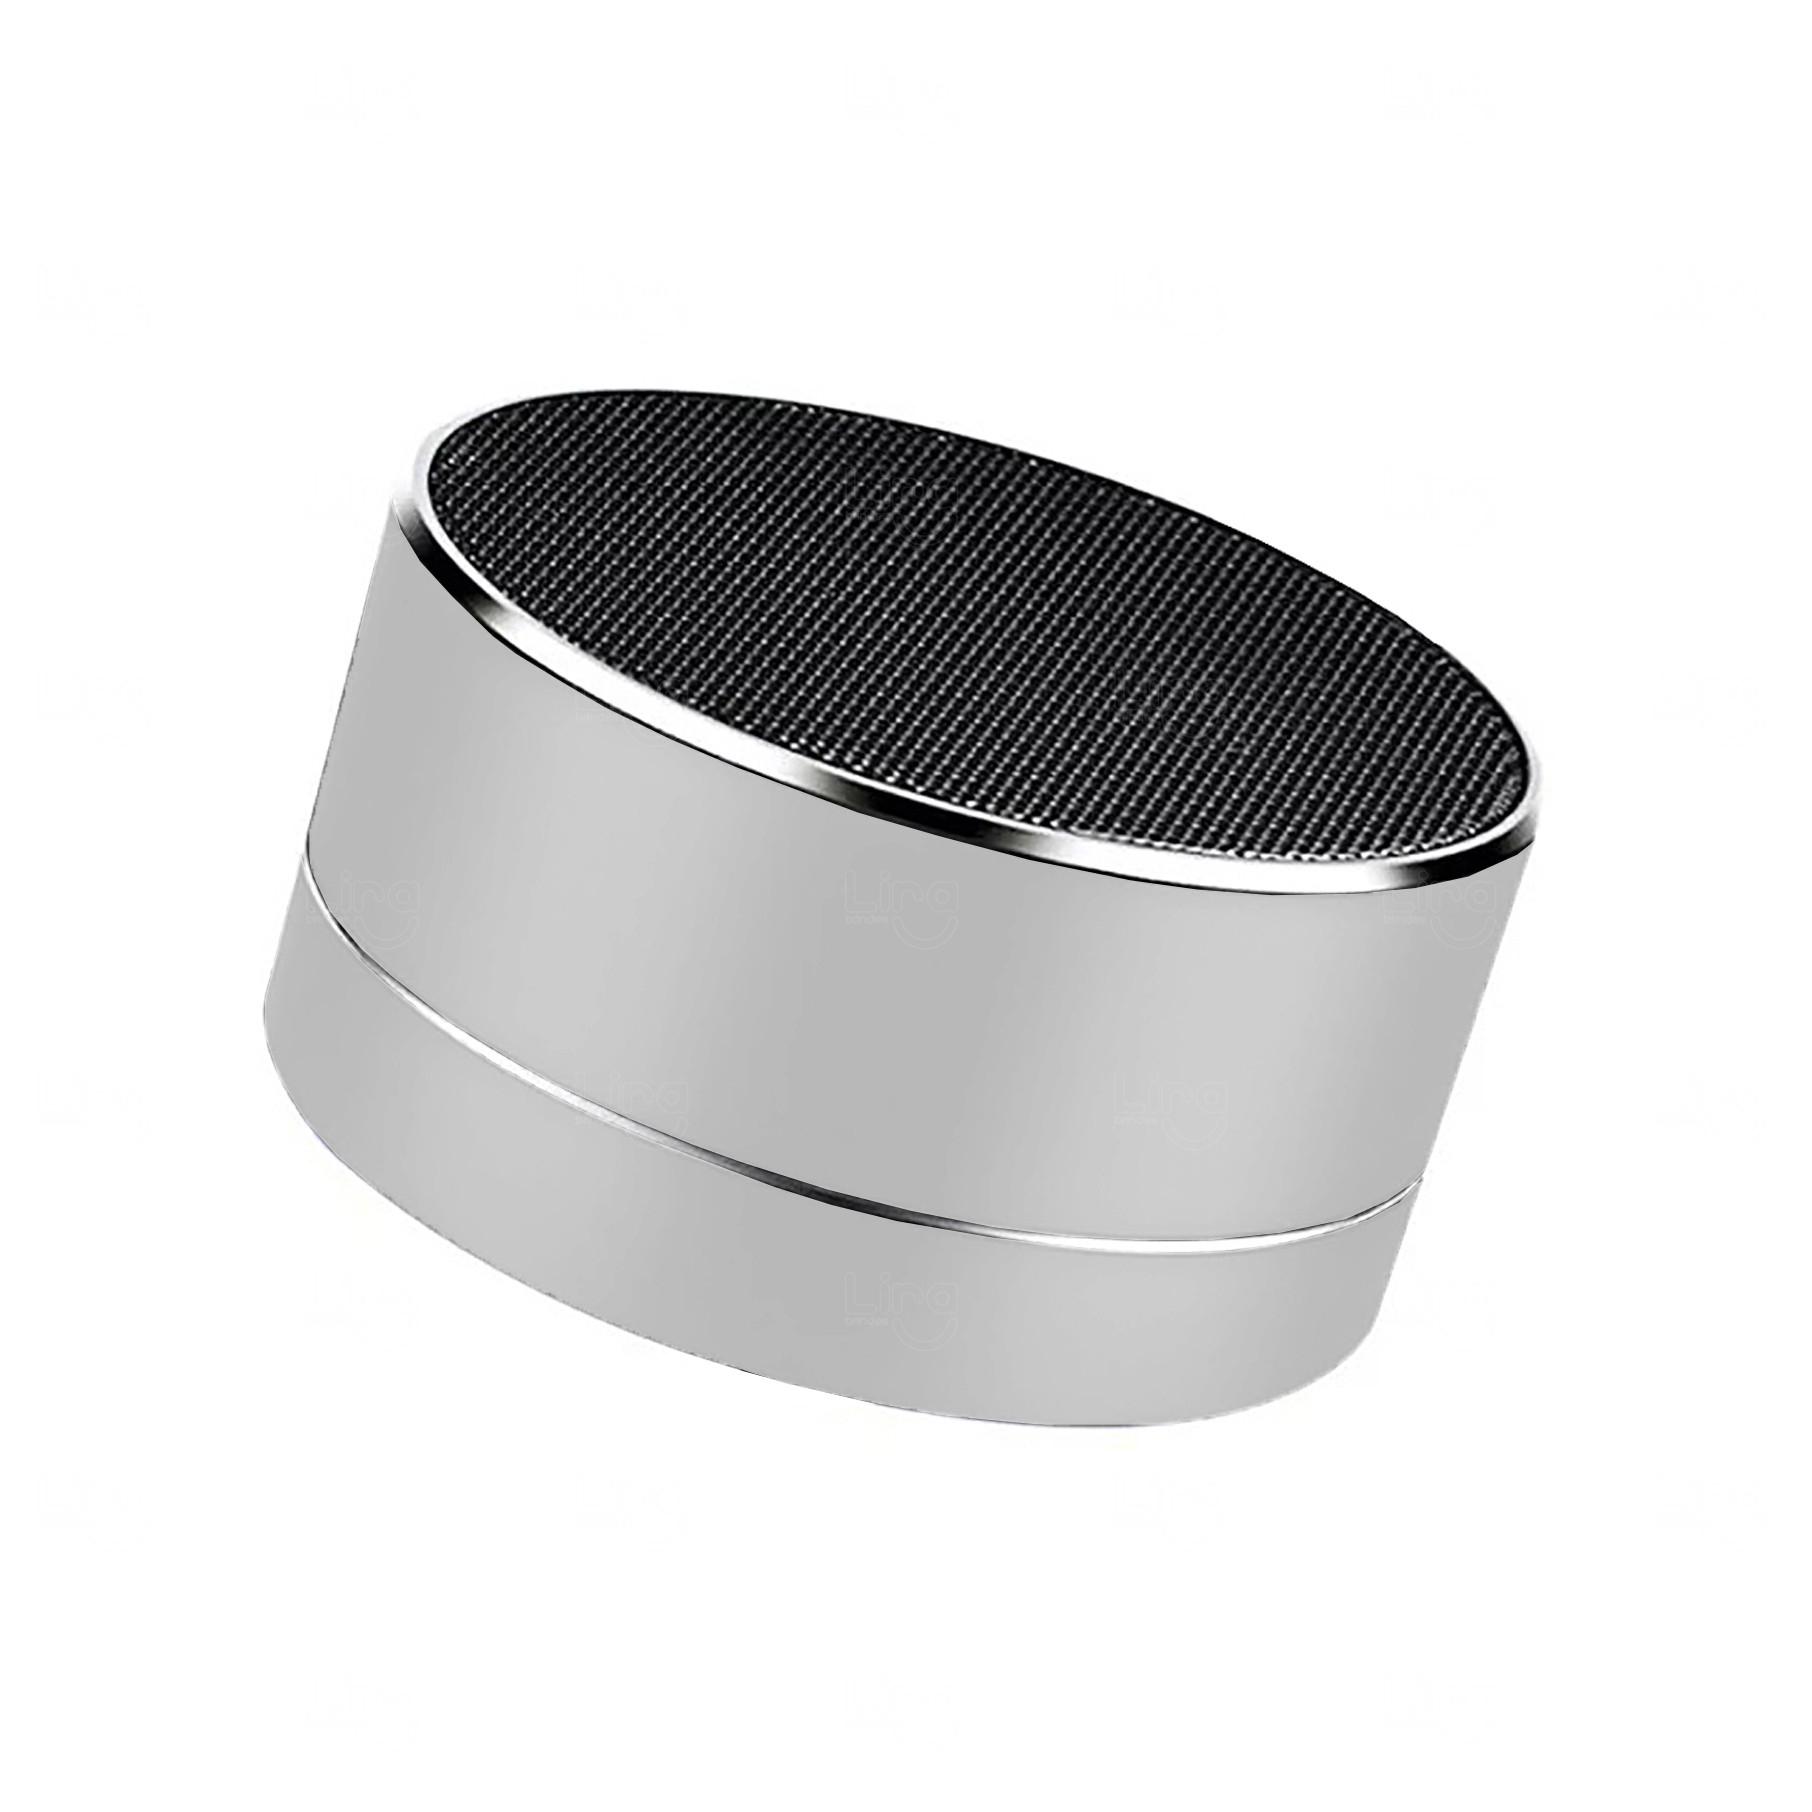 Caixa De Som Bluetooth Speaker Prata